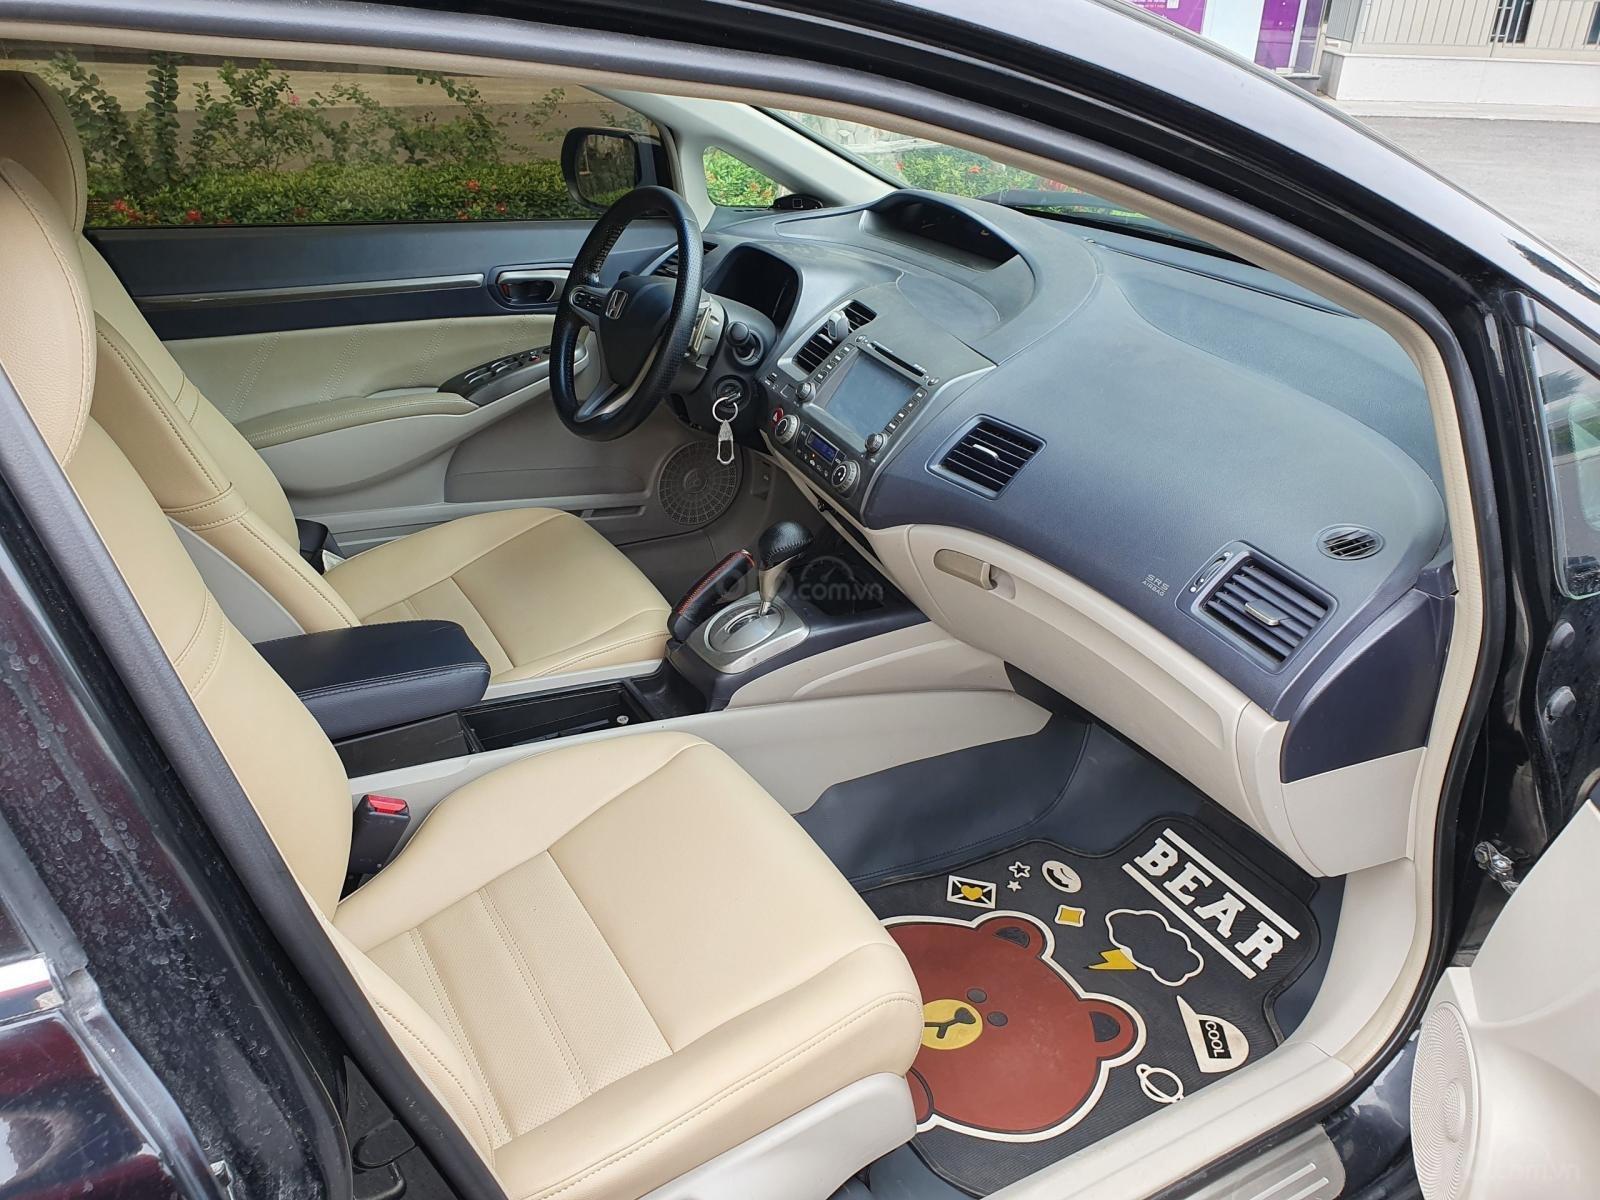 Bán xe Honda Civic 2.0 AT i-Vtec sản xuất năm 2007 màu đen chỉ việc lấy về đi, xe cực đẹp (11)